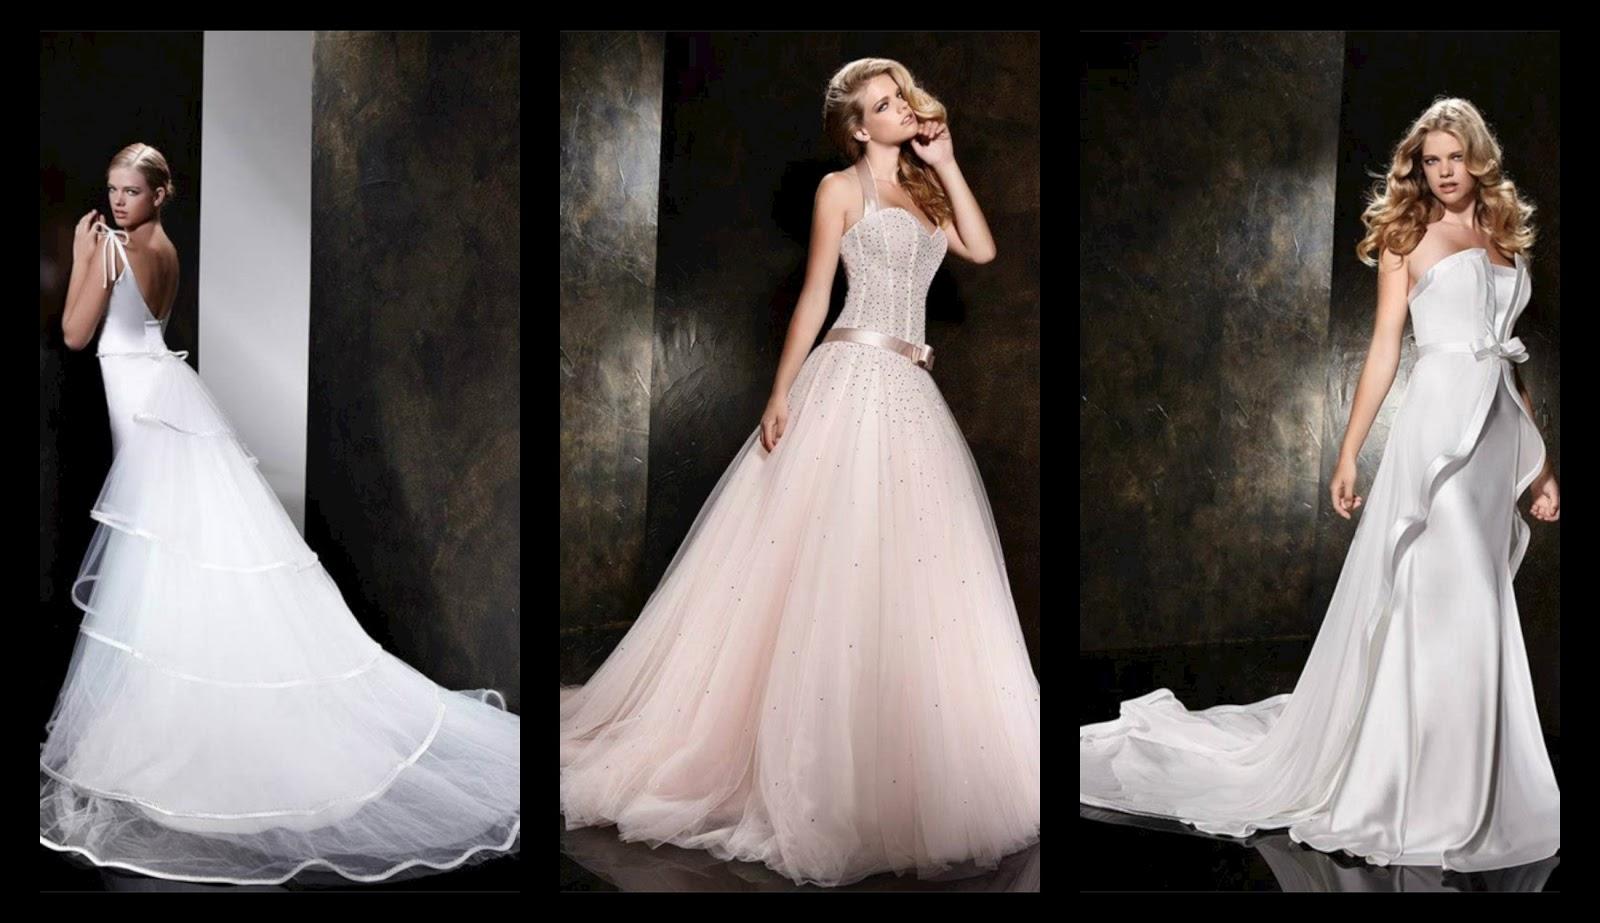 Abiti da sposa 2013 la collezione di alessandro couture something tiffany blue wedding blog